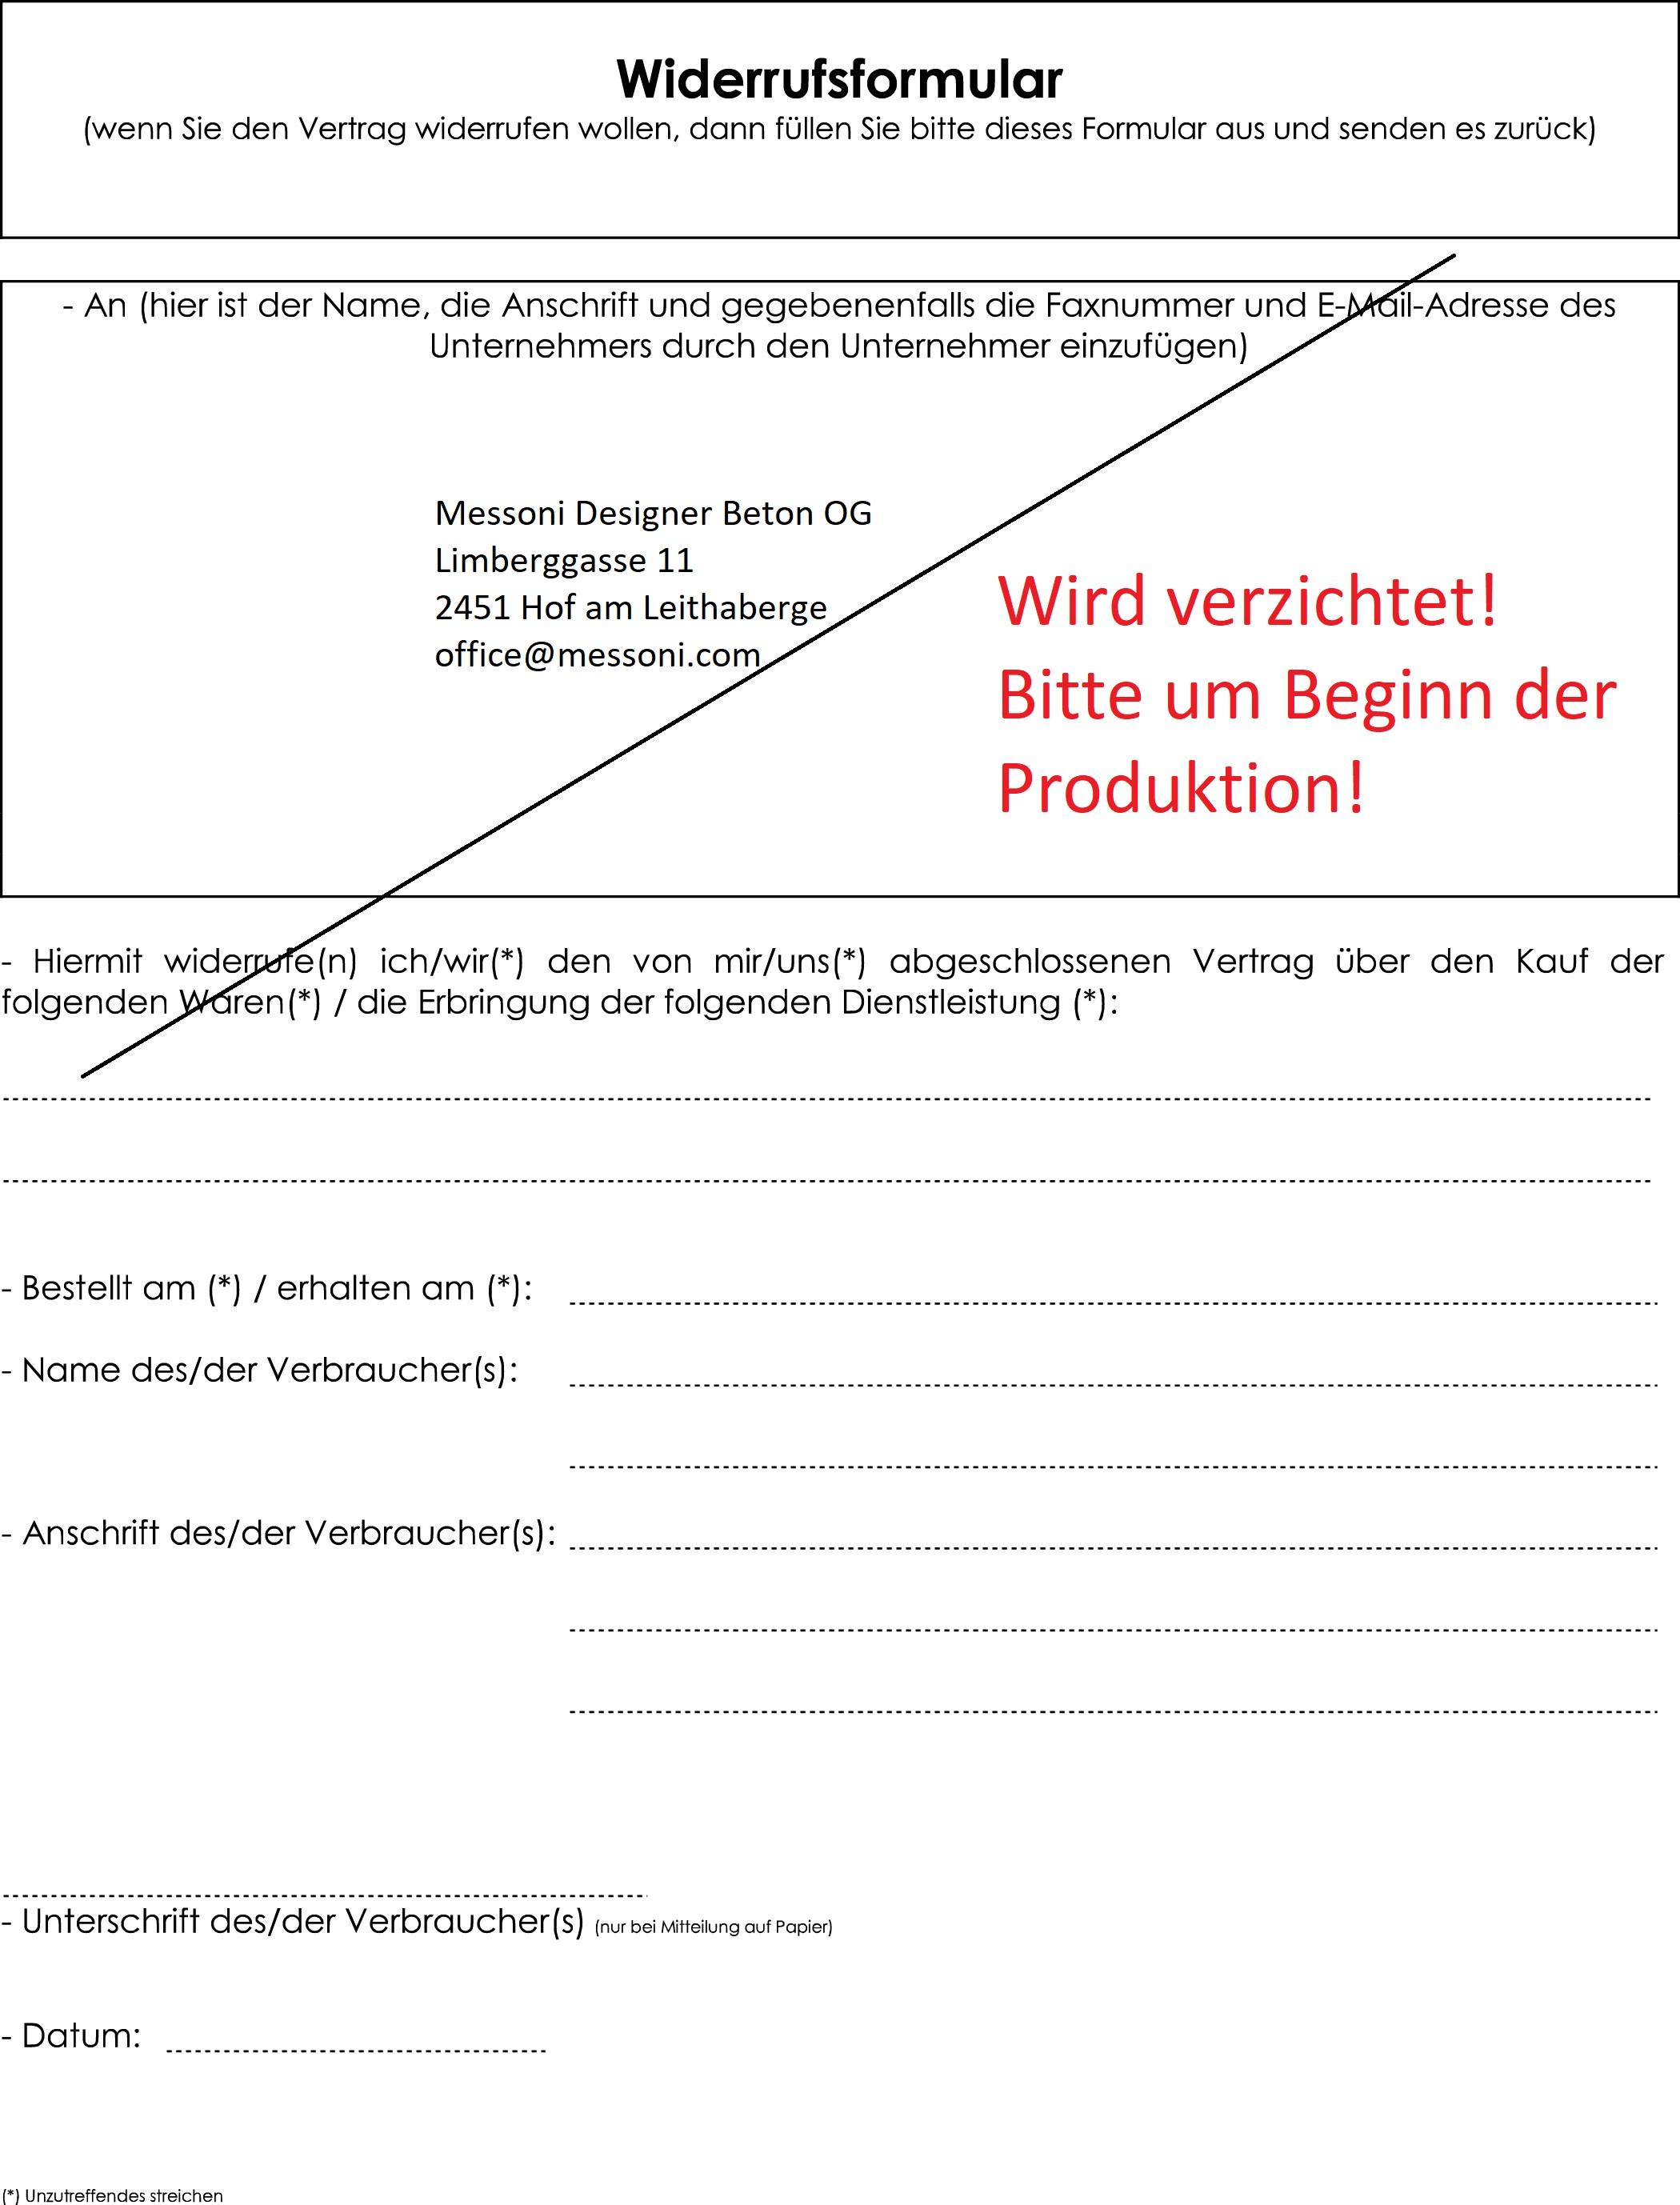 Wiederrufsformular-Stand-vom-13-07-2020